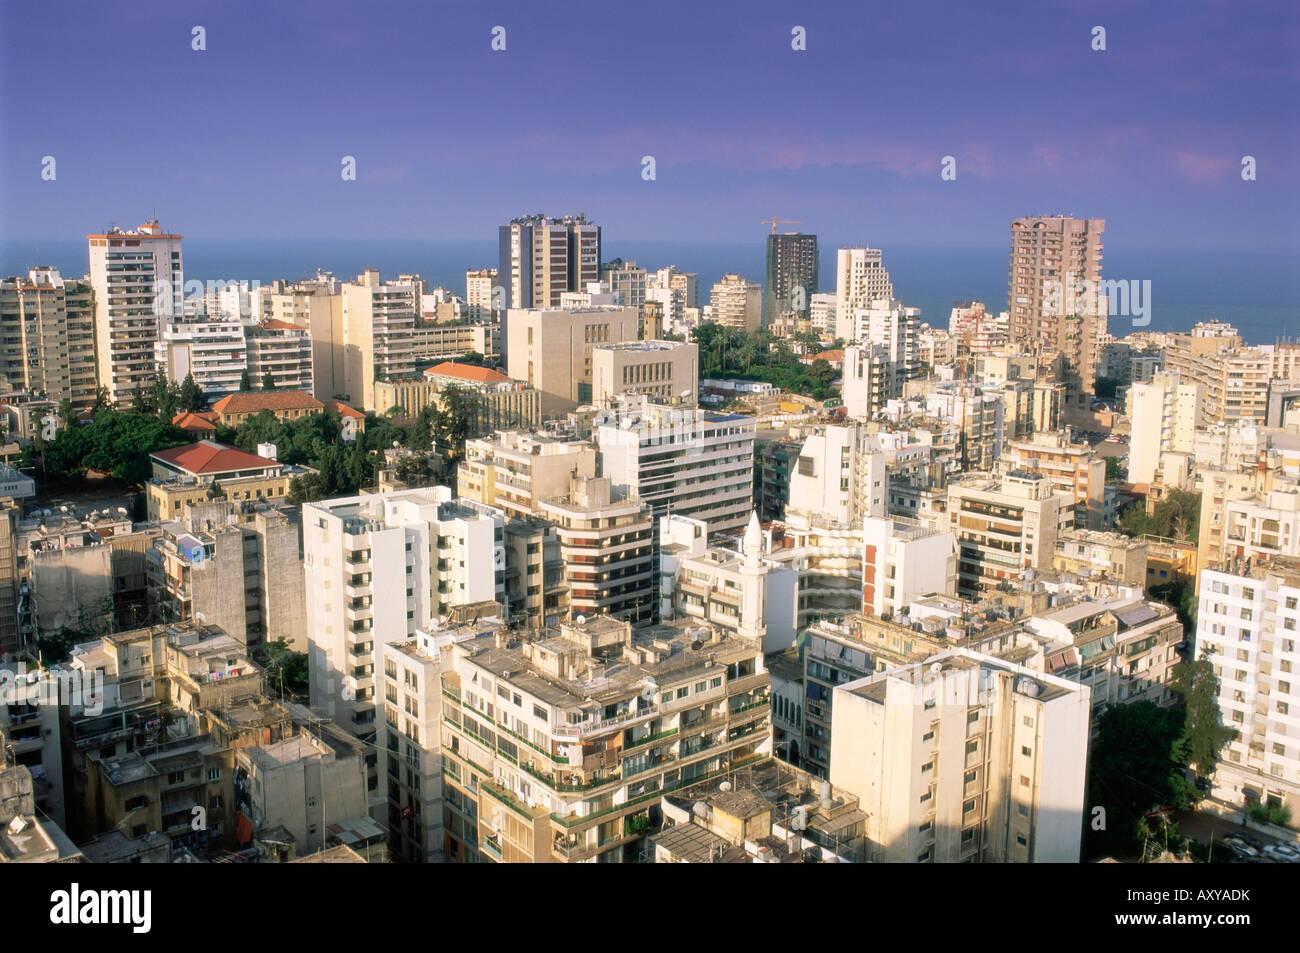 Vista elevada sobre el moderno distrito Hamra central en la reconstrucción de la ciudad de Beirut, Líbano, Imagen De Stock